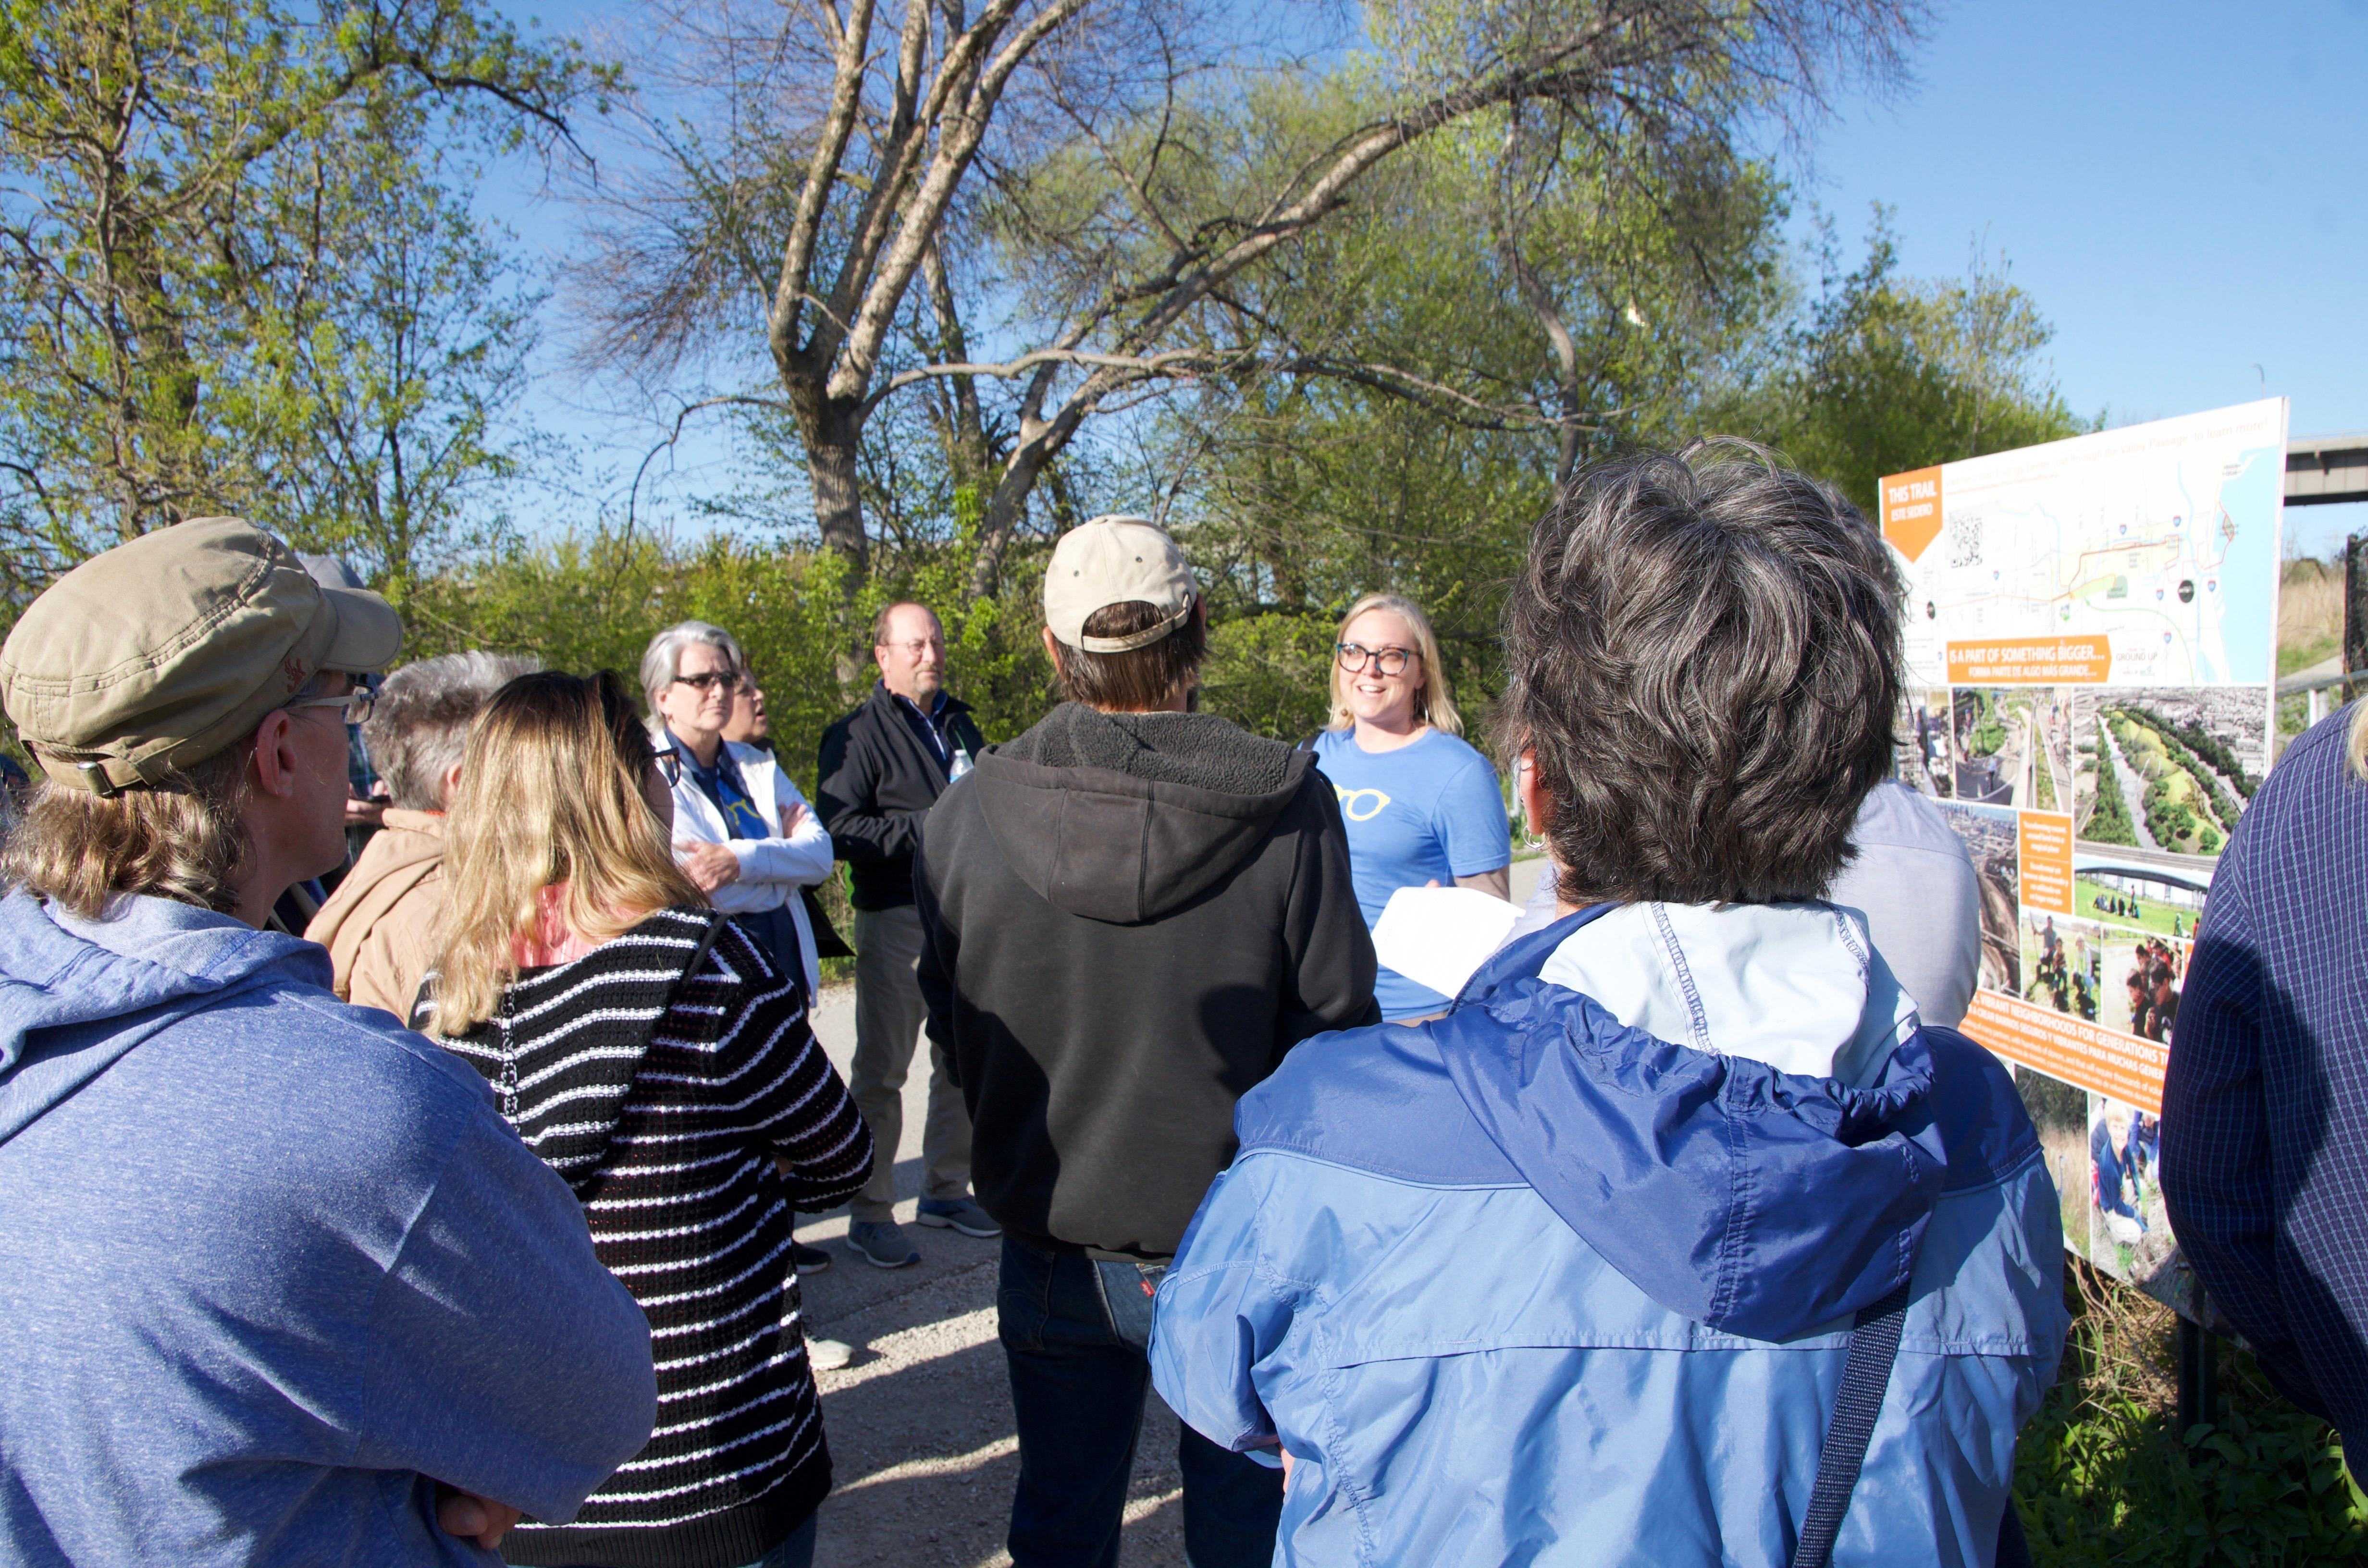 Jane's Walk MKE is back with 15 neighborhood walks in 2021